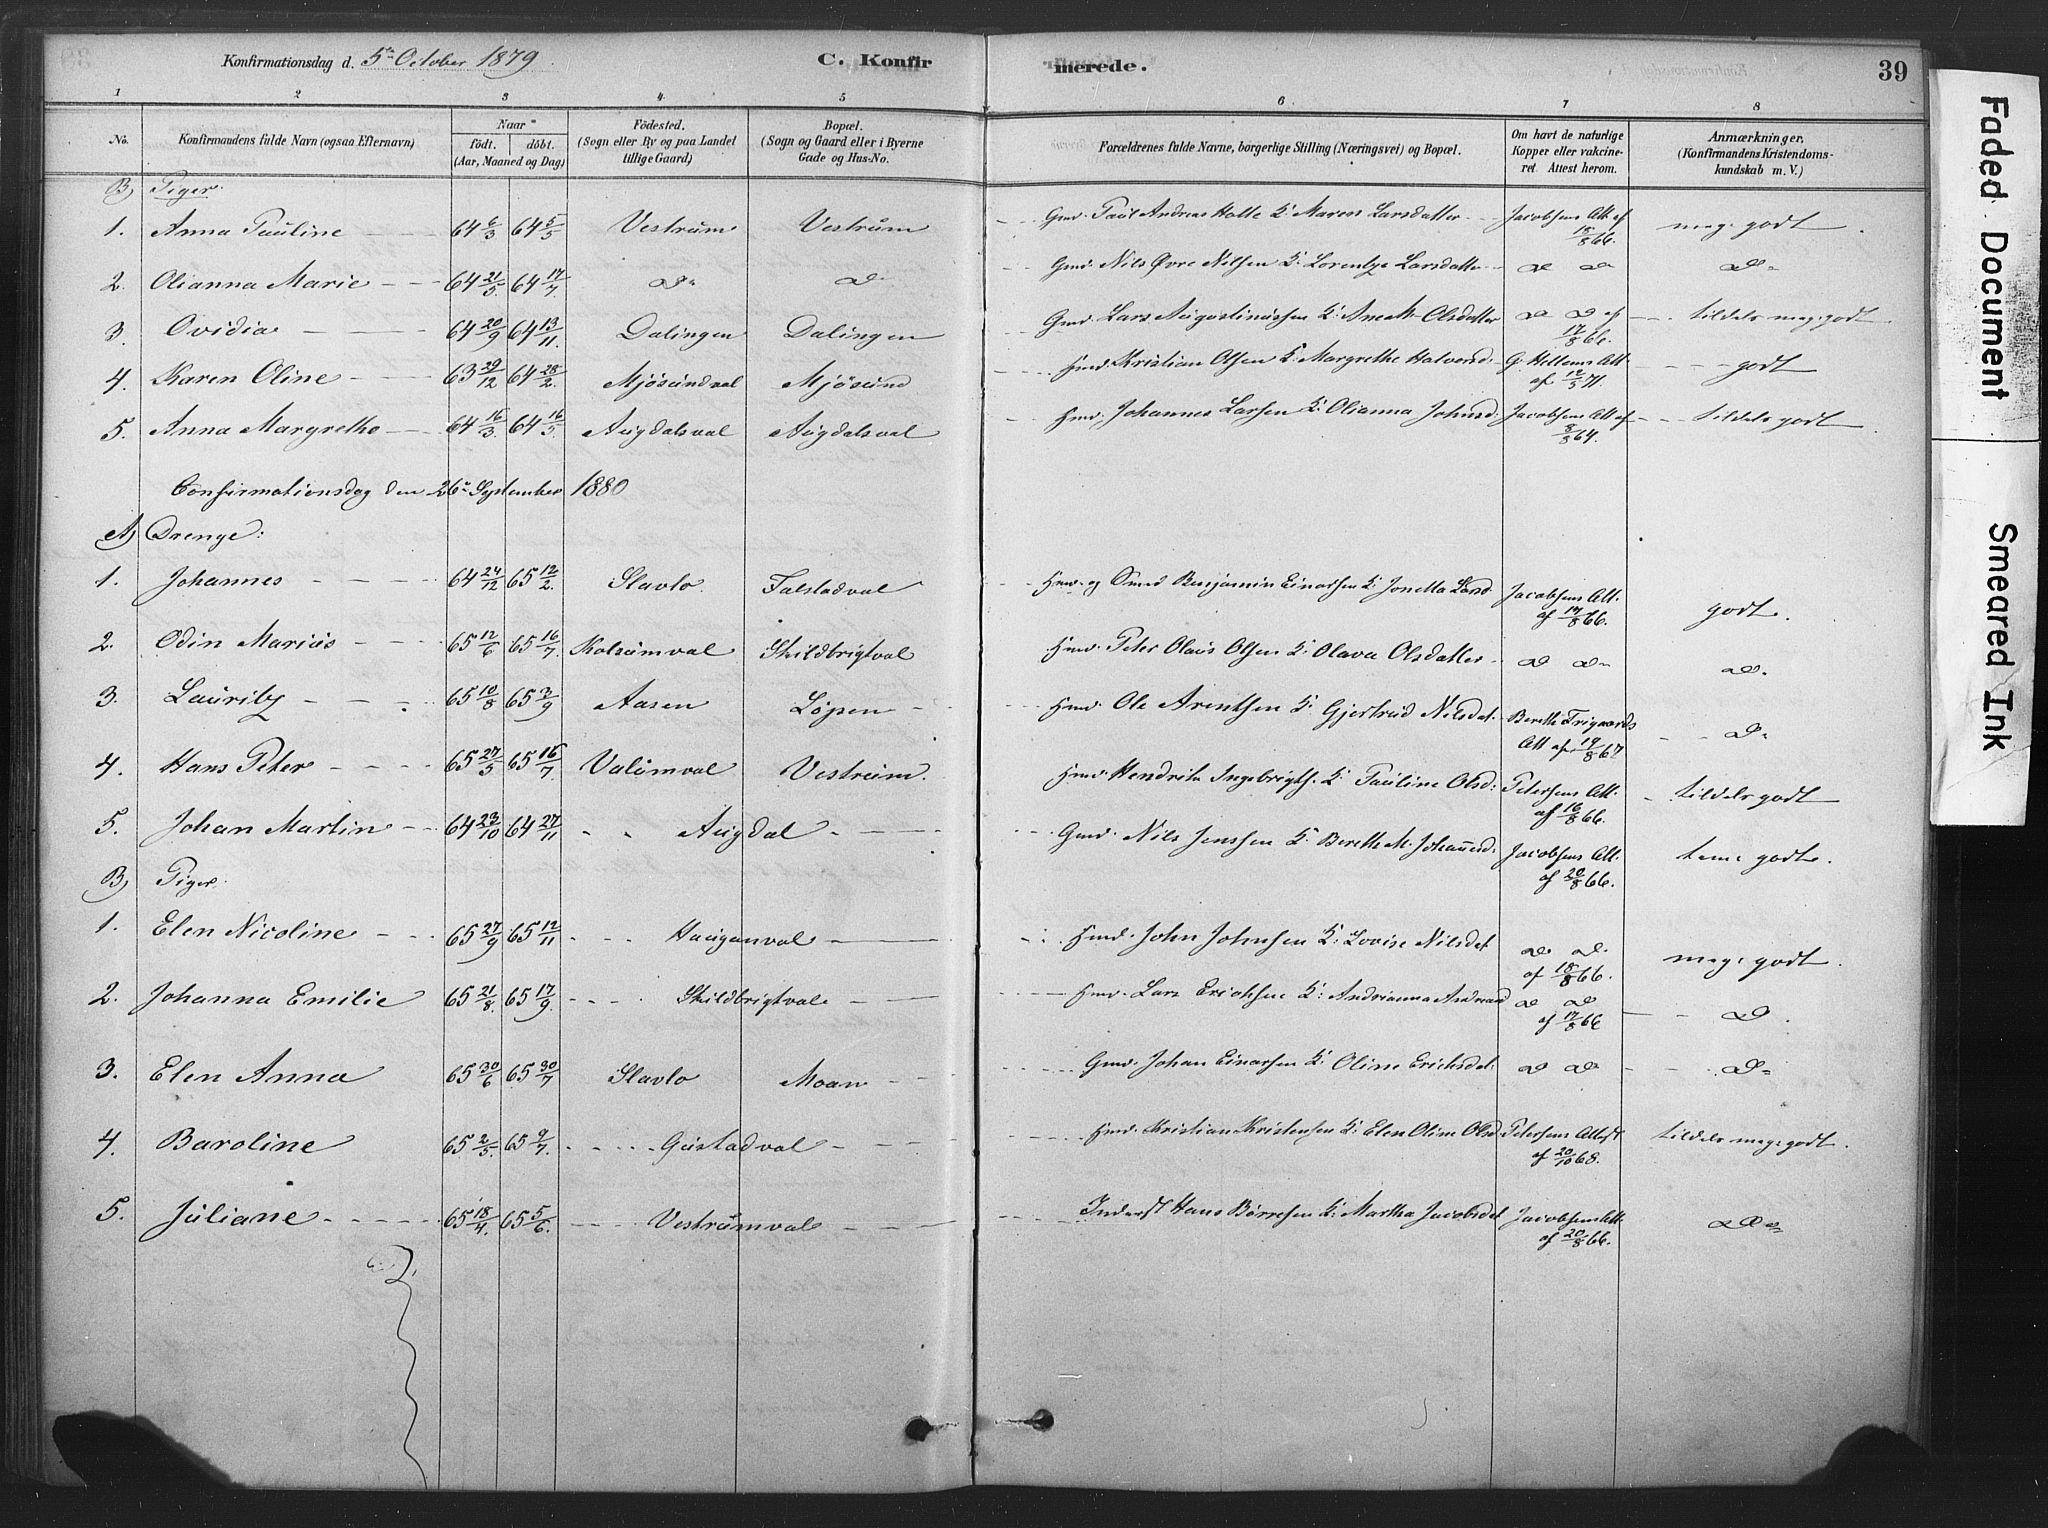 SAT, Ministerialprotokoller, klokkerbøker og fødselsregistre - Nord-Trøndelag, 719/L0178: Ministerialbok nr. 719A01, 1878-1900, s. 39